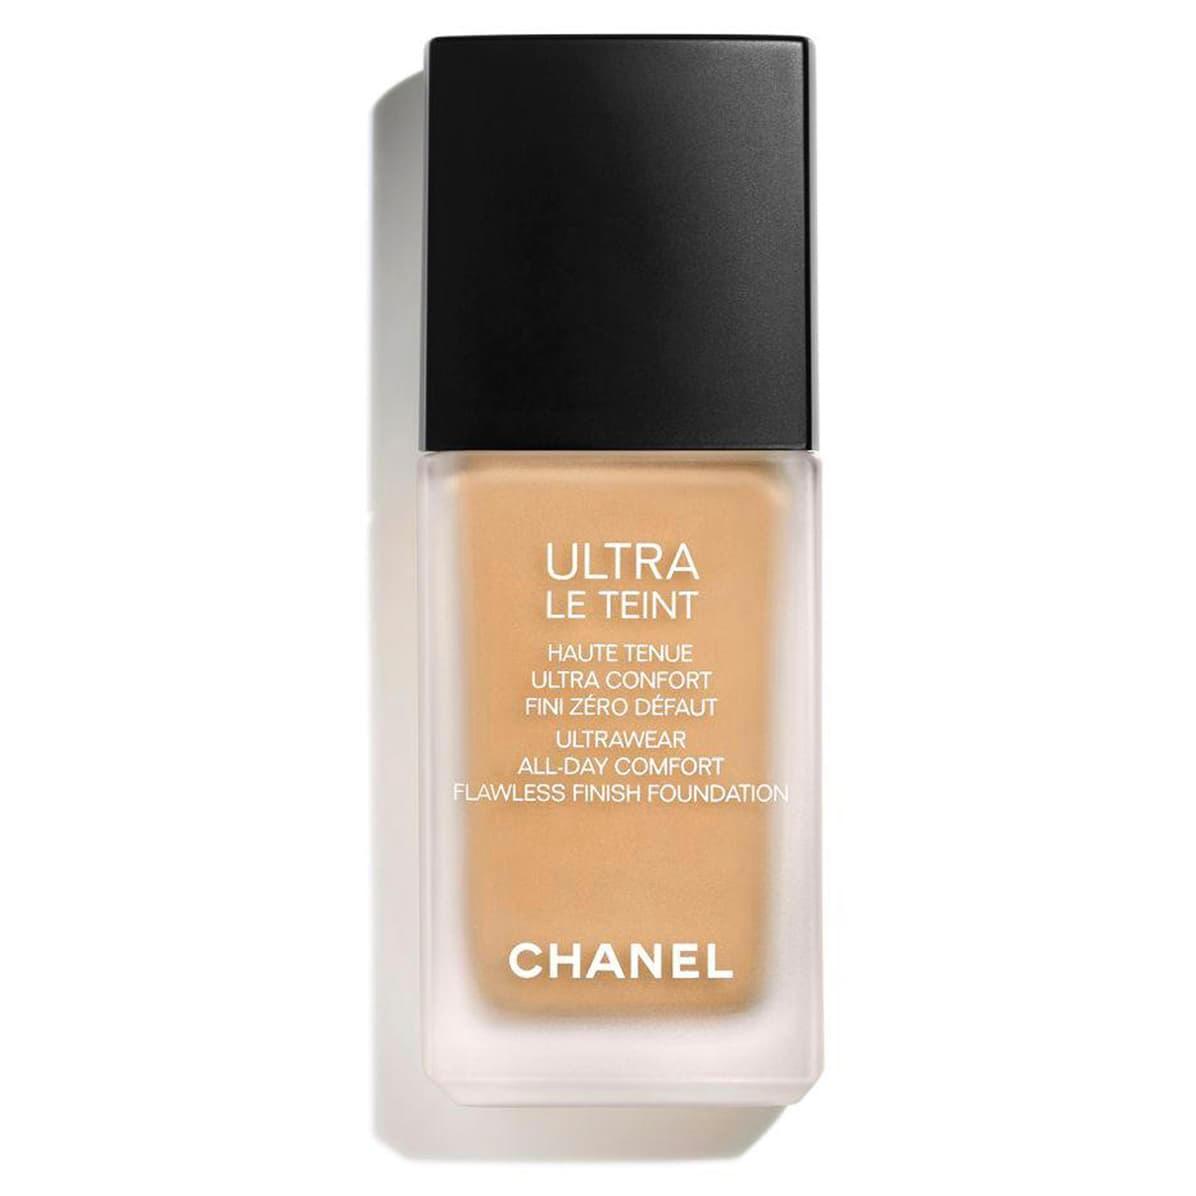 Chanel Ultra Le Teint Ultrawear Foundation BD101